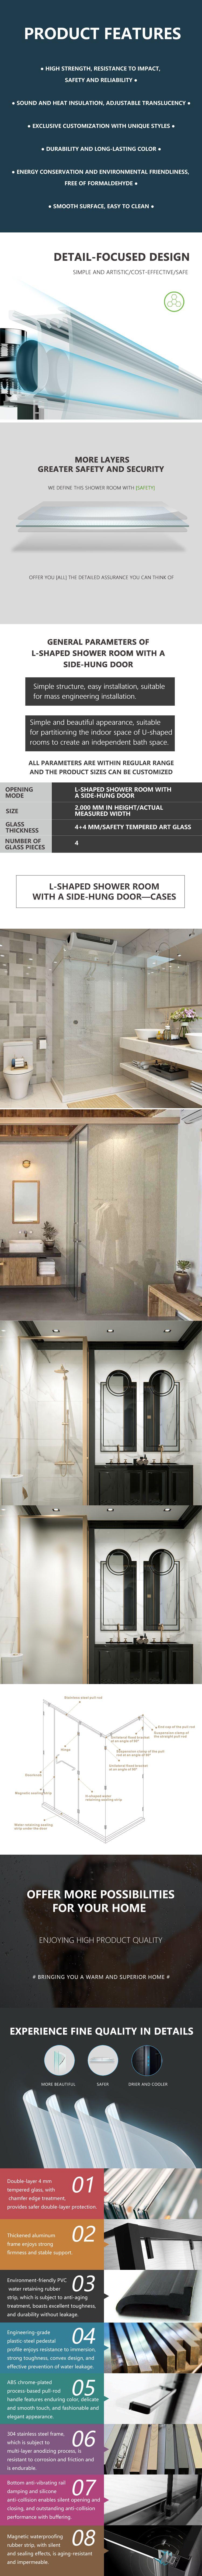 L-shaped Shower Room